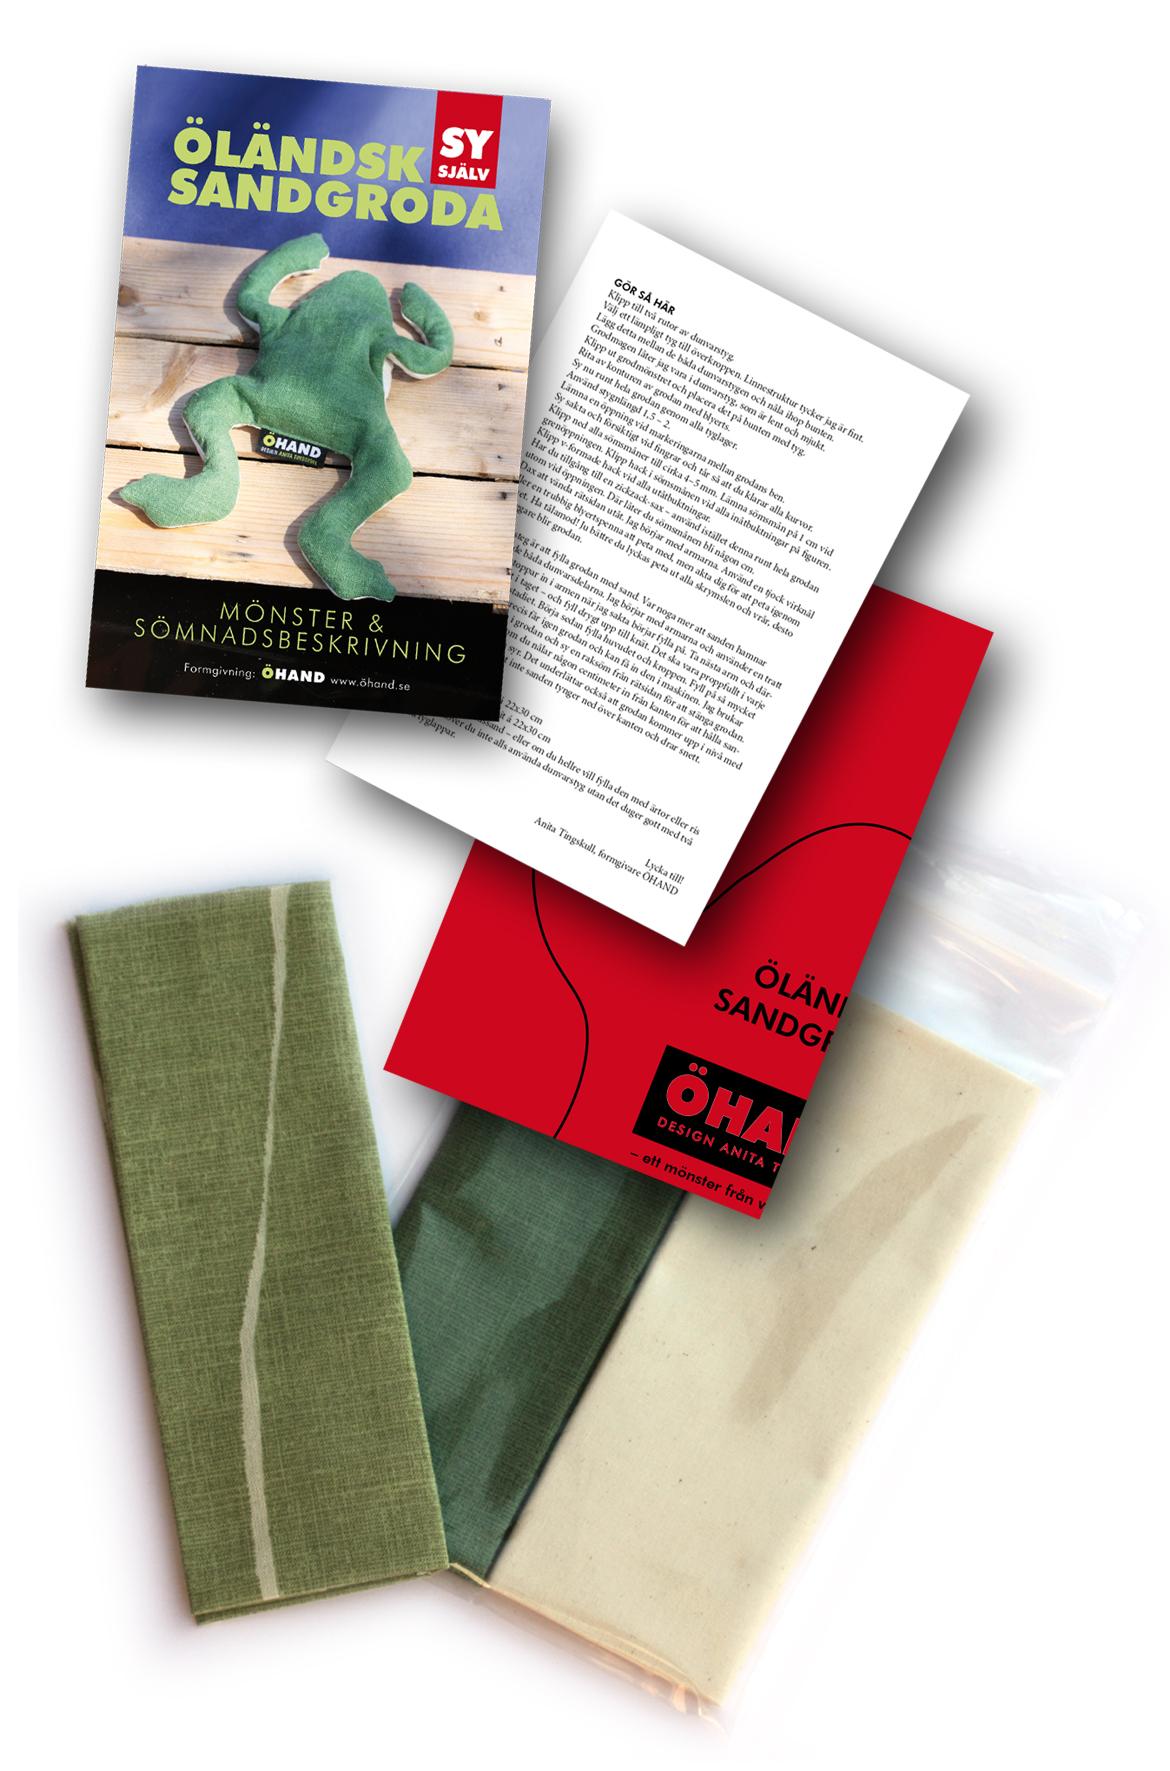 Sy din egen groda - mönster och tyg i smart förpackning!